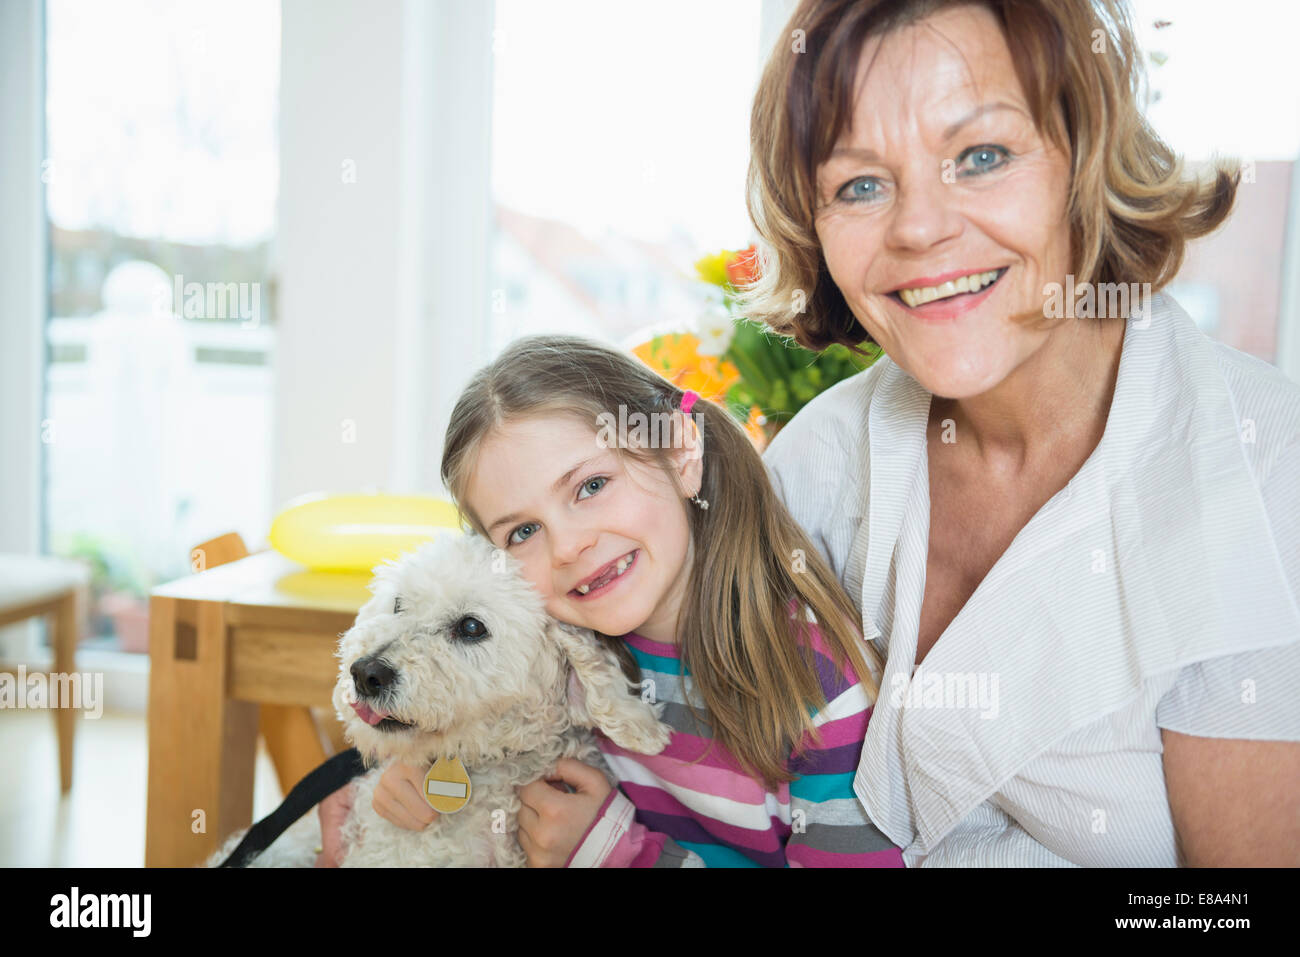 Retrato de la abuela y su nieto con el perro en el salón, sonriente Imagen De Stock